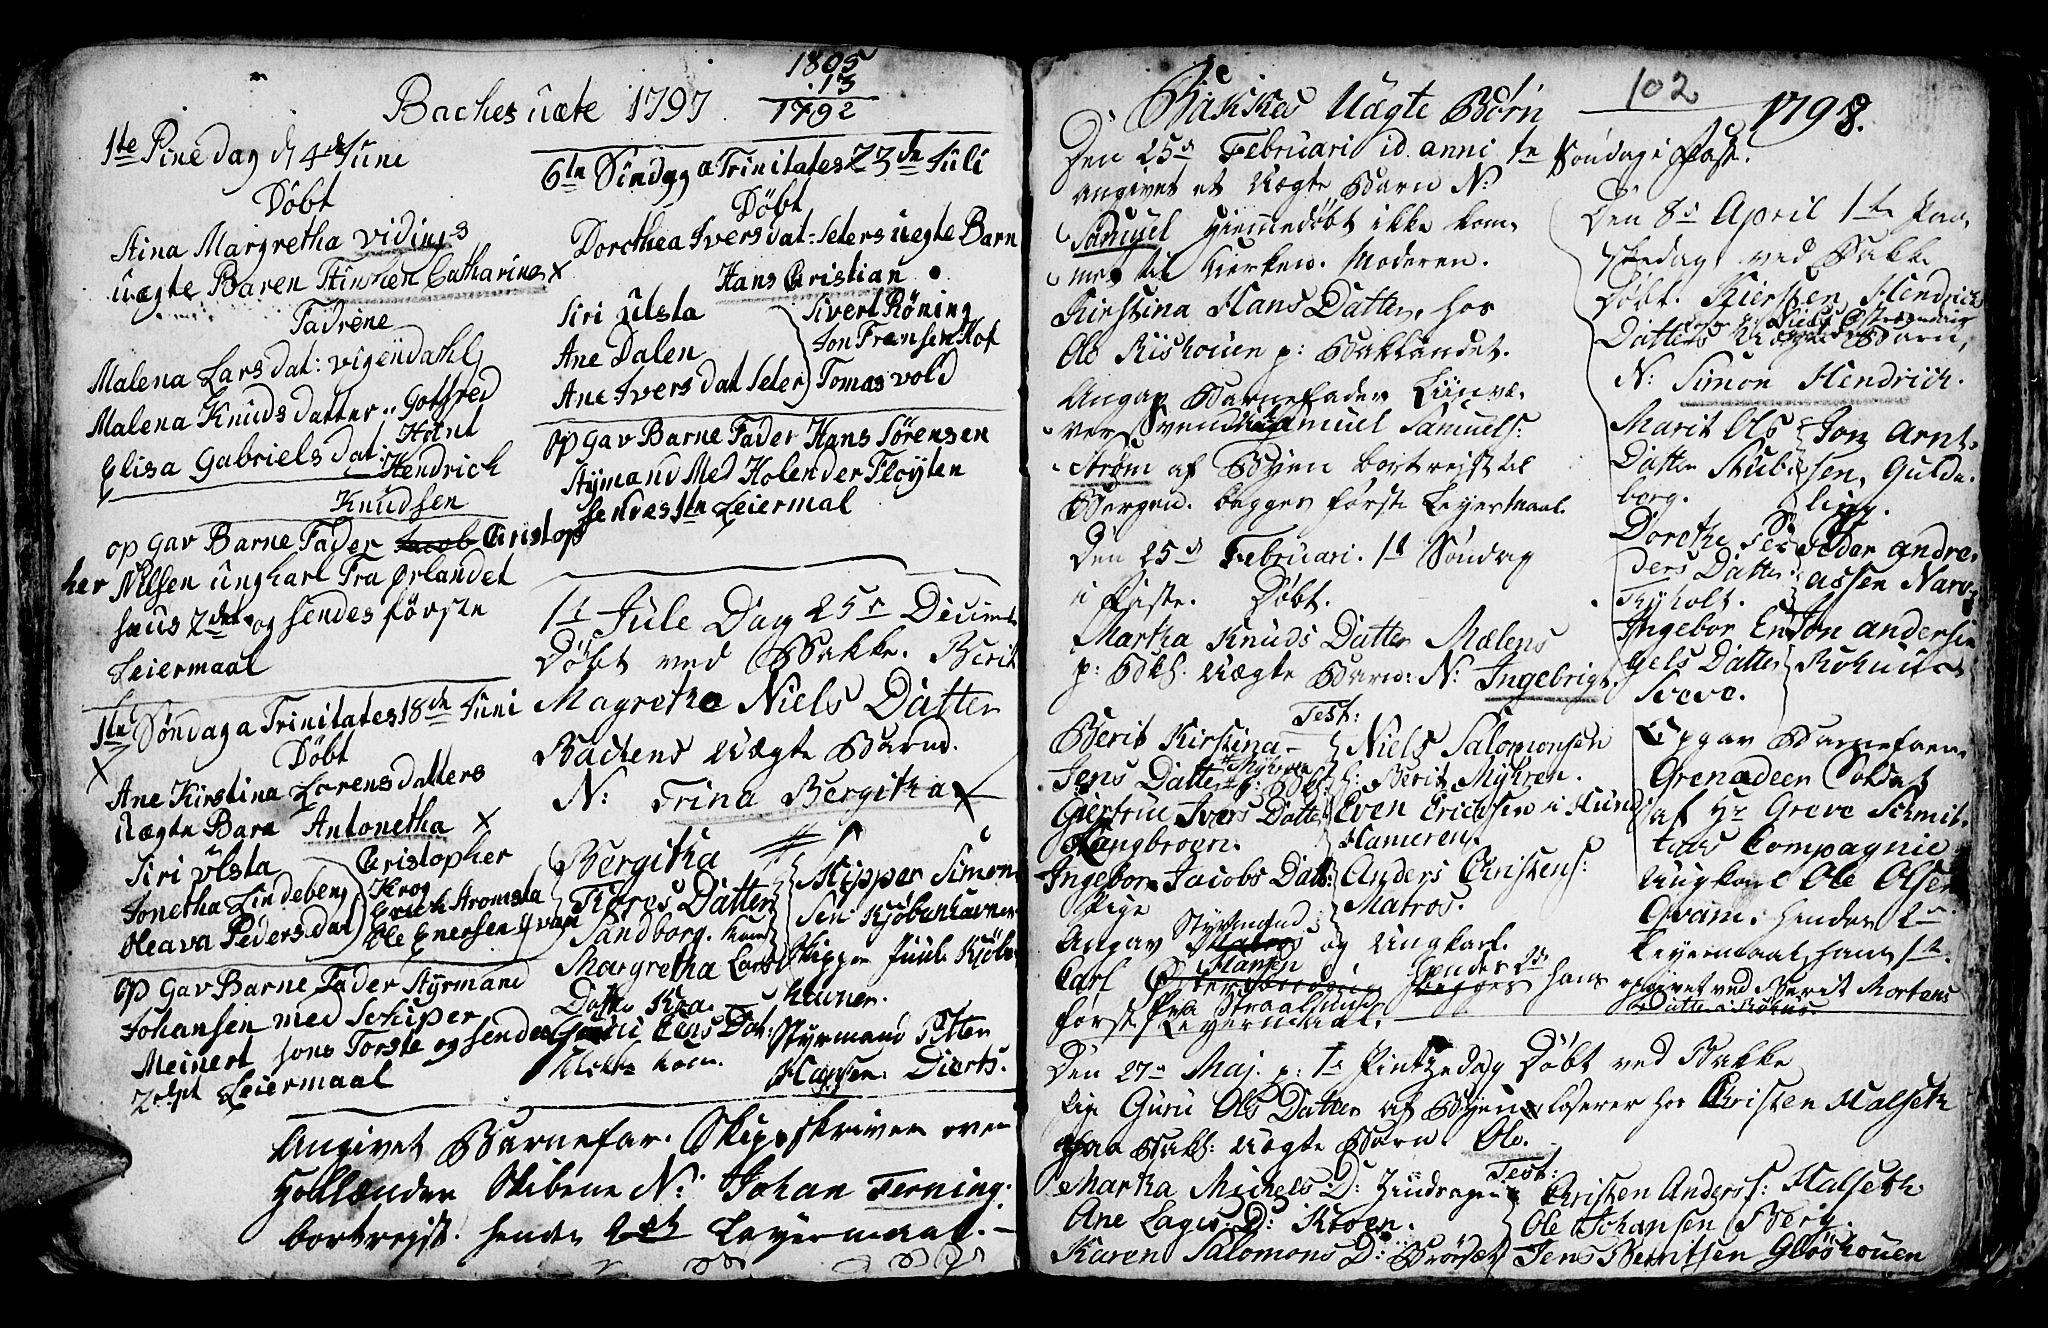 SAT, Ministerialprotokoller, klokkerbøker og fødselsregistre - Sør-Trøndelag, 604/L0218: Klokkerbok nr. 604C01, 1754-1819, s. 102